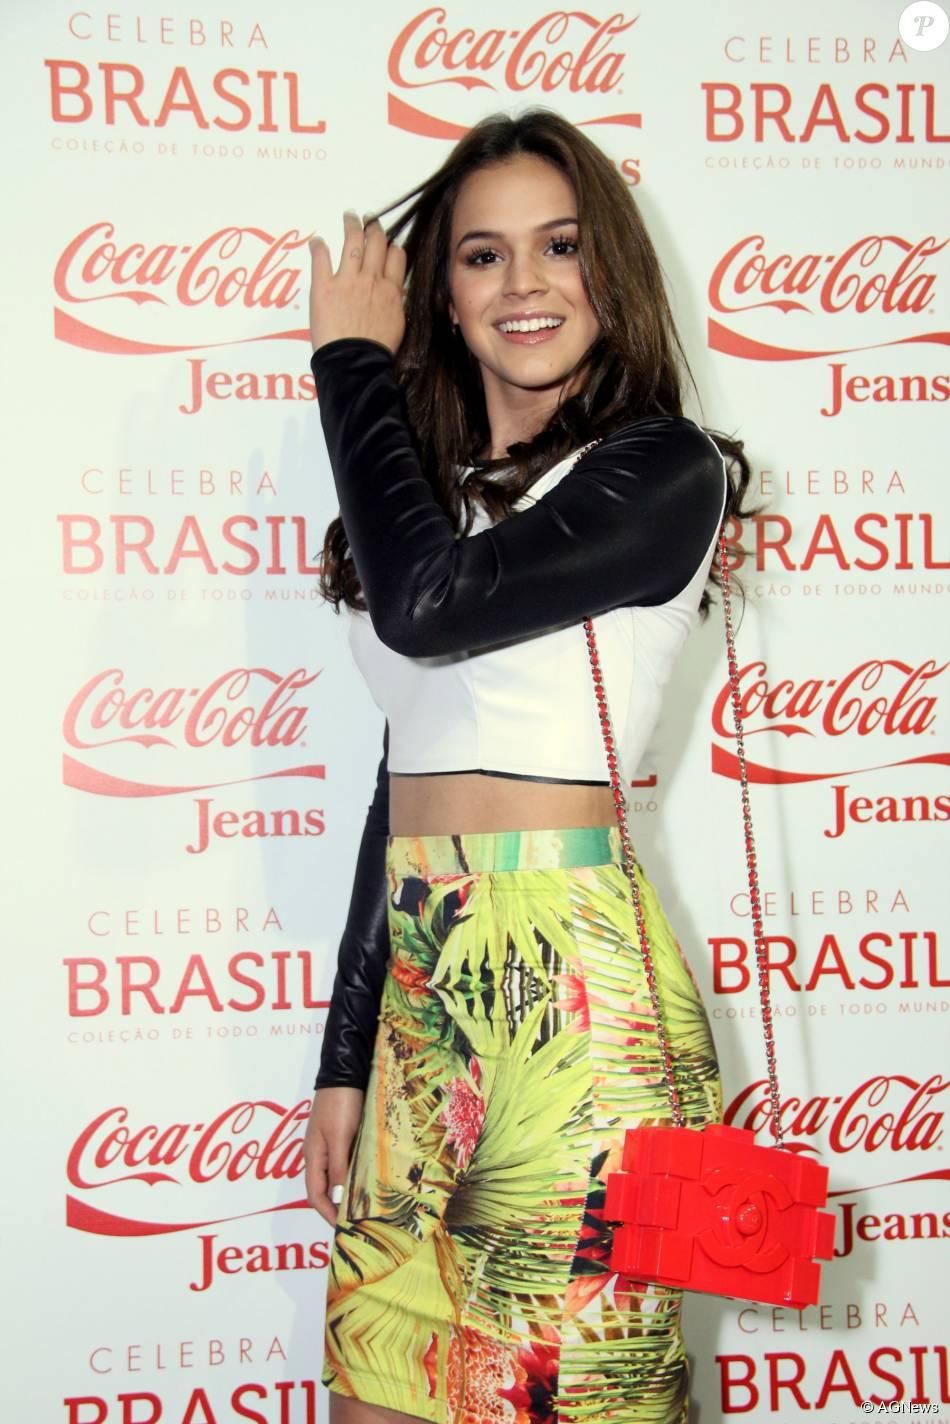 Em 2013, Bruna Marquezine apostou em uma bolsa hit entre fashionistas, a clutch Lego da Chanel, inspirada nas peças de plástico, para ir ao Fashion Rio. O modelo custa cerca de R$ 30 mil